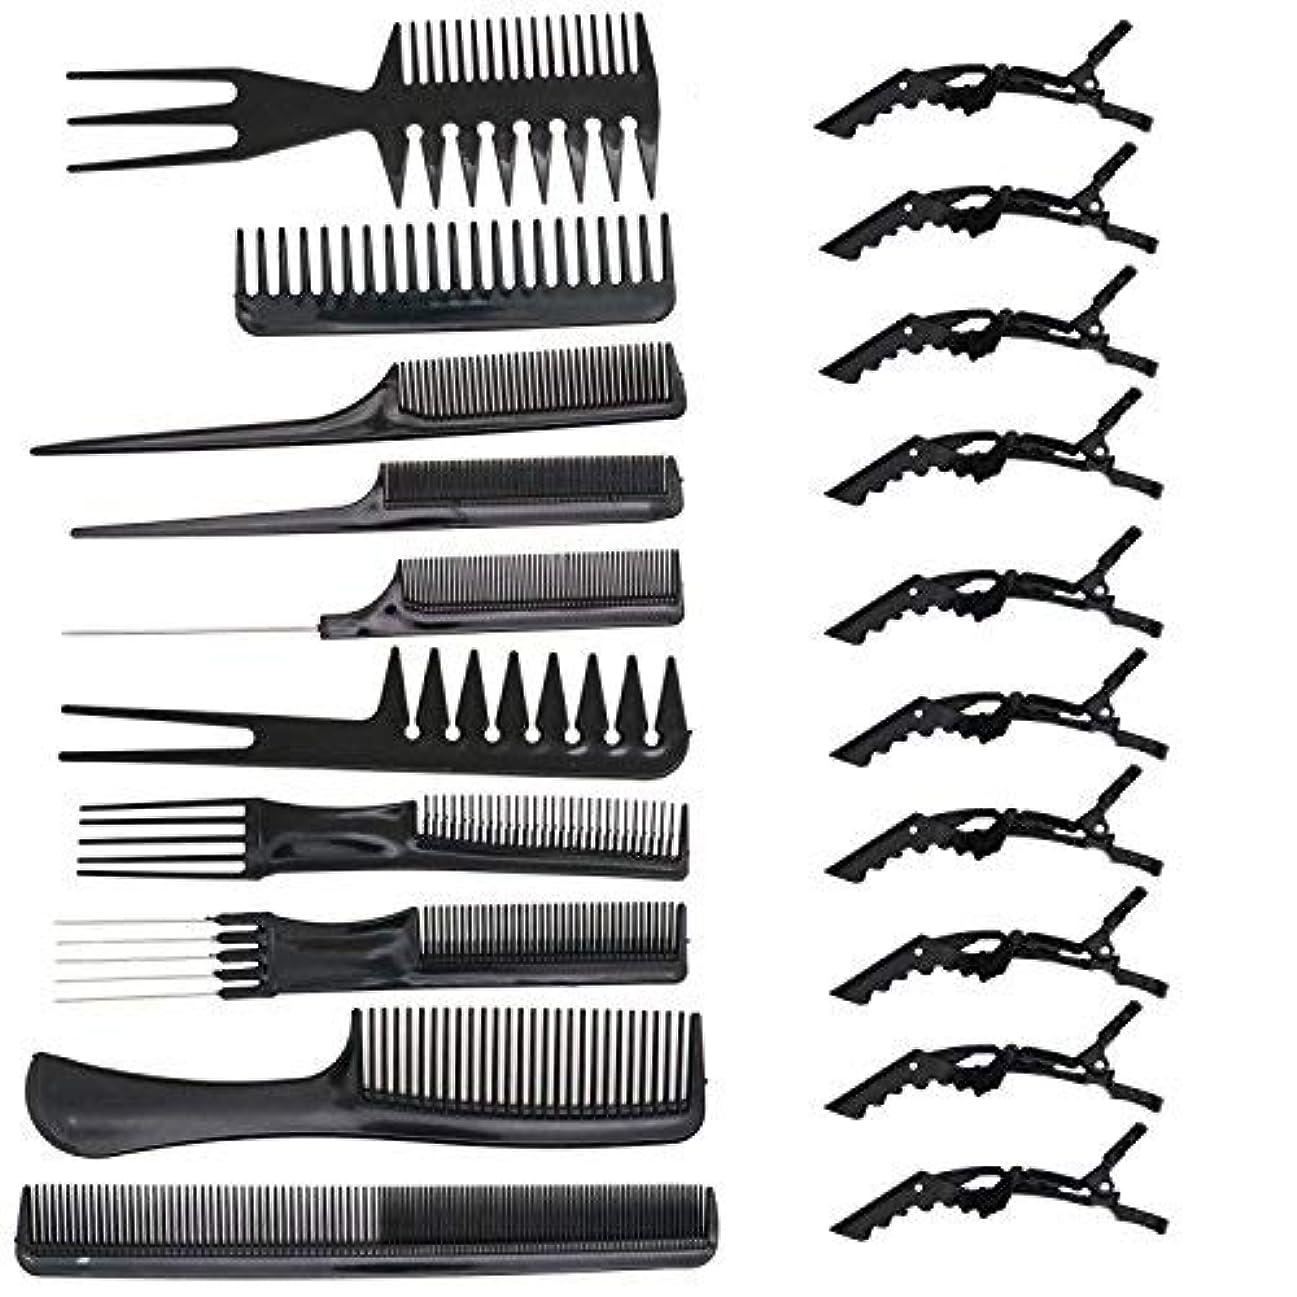 利益怒りつかの間HUELE 10 Pcs Professional Hair Styling Comb with Styling Clips Hair Salon Styling Barbers Set Kit [並行輸入品]